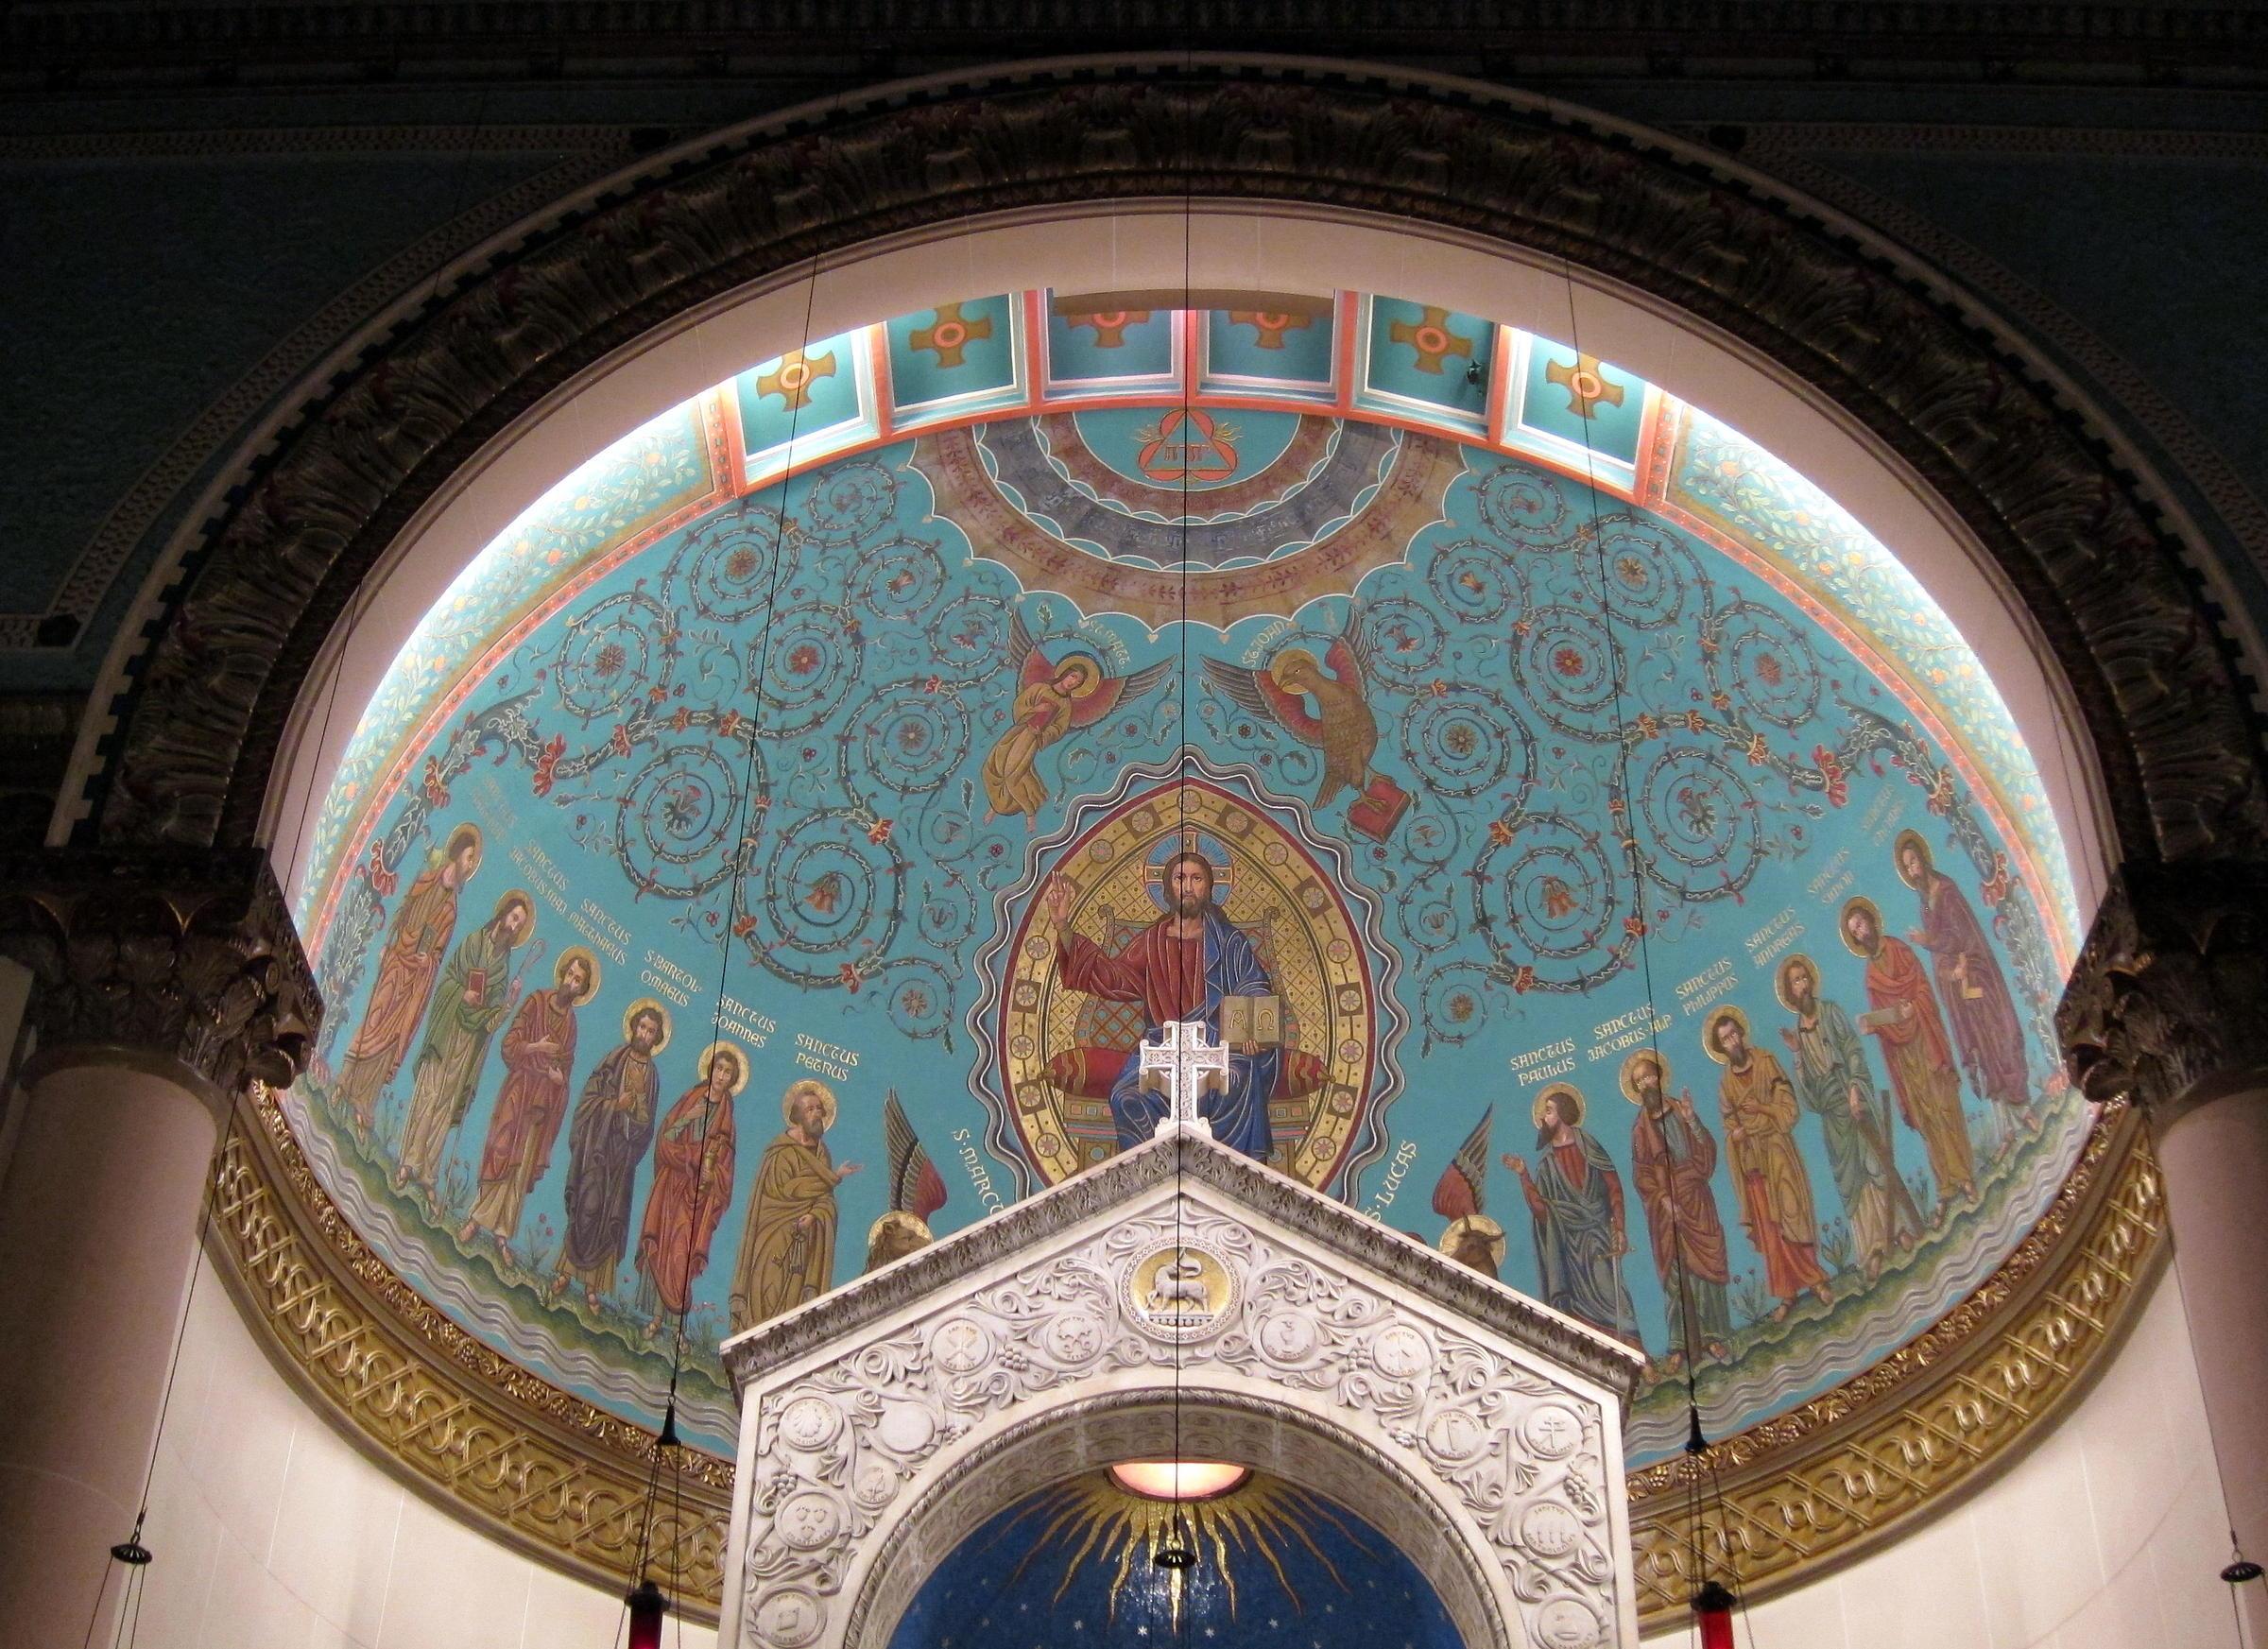 Catholic diocese of columbus ohio